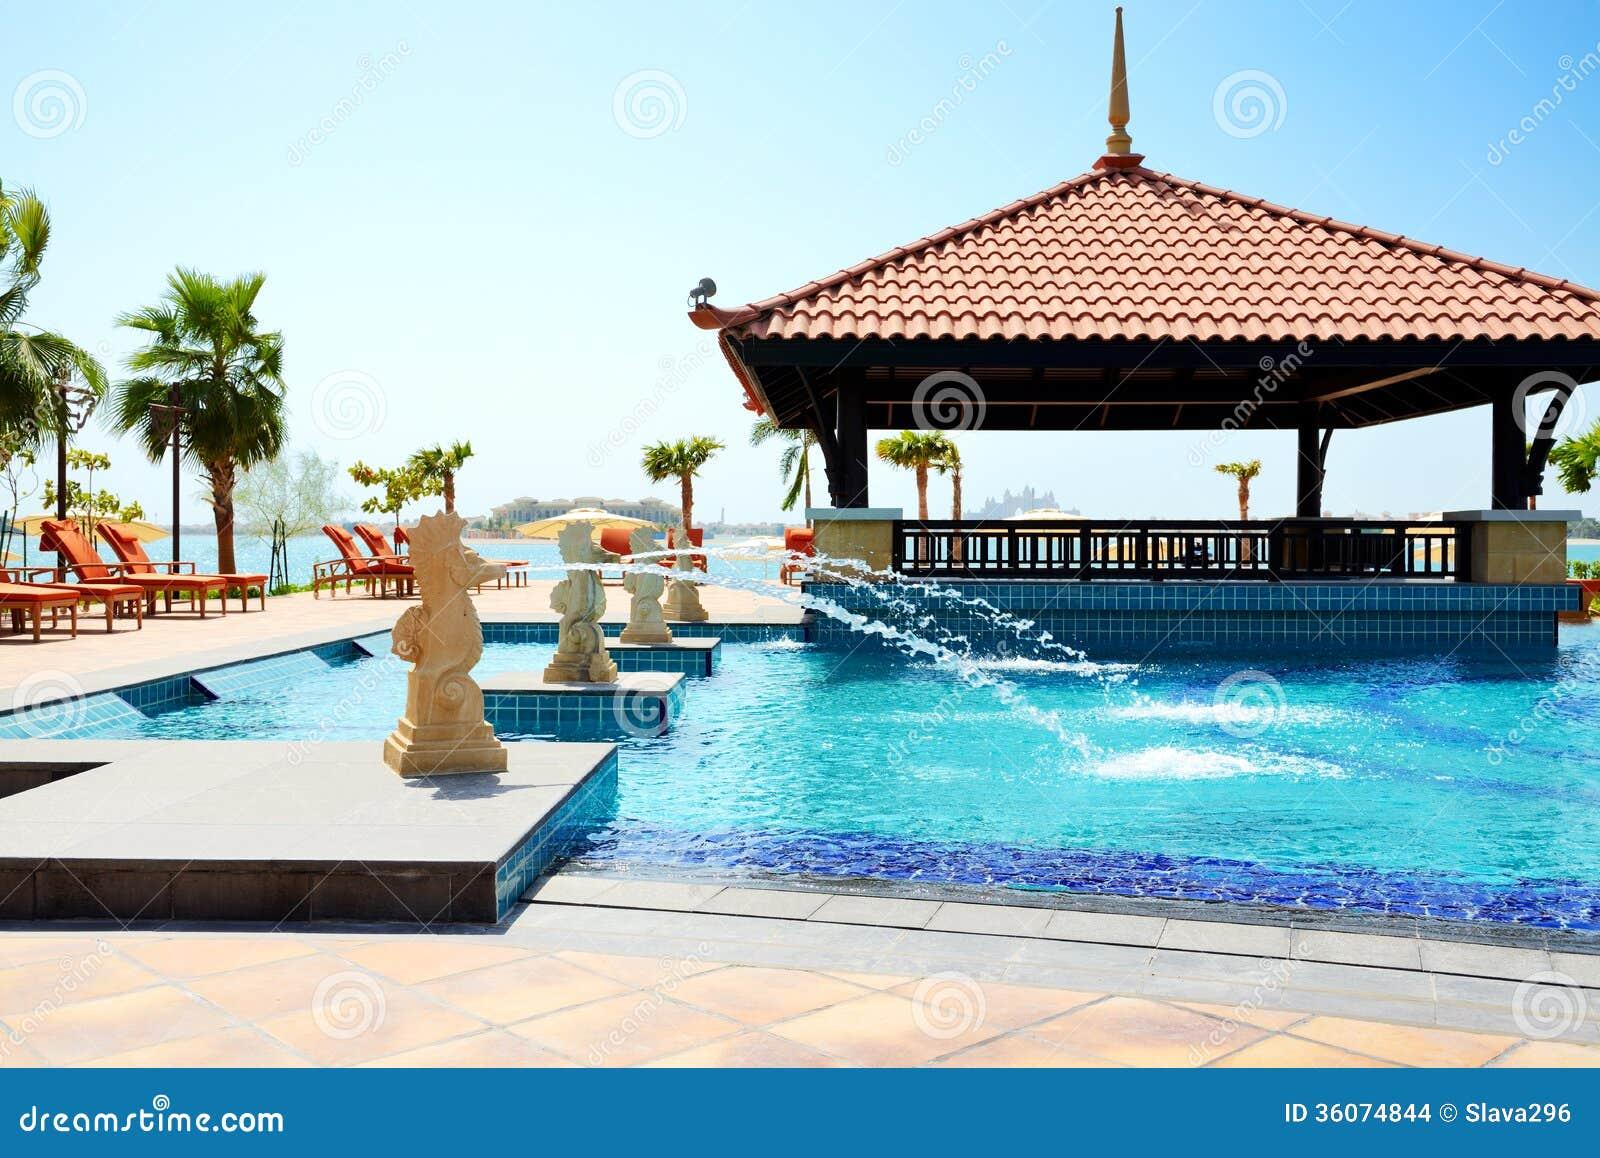 La piscina cerca de la playa en hotel tailand s del estilo for Follando en la piscina del hotel